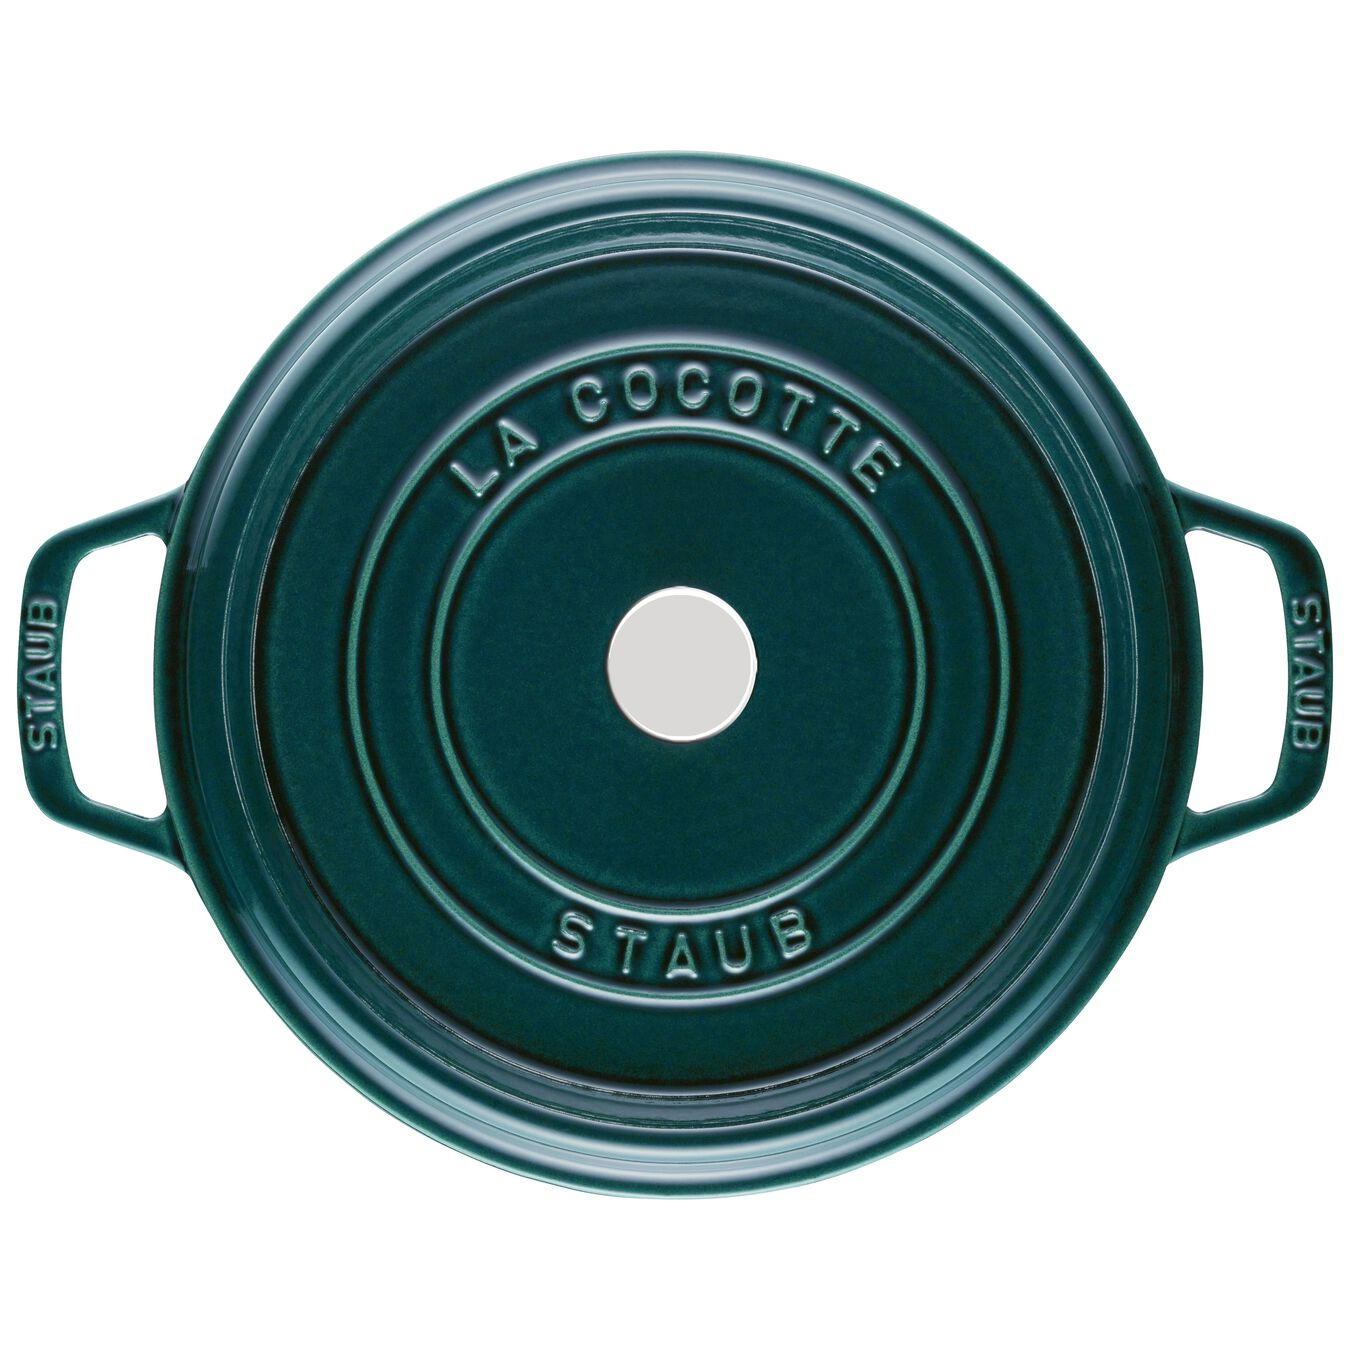 Cocotte 26 cm, Rond(e), La-Mer, Fonte,,large 3